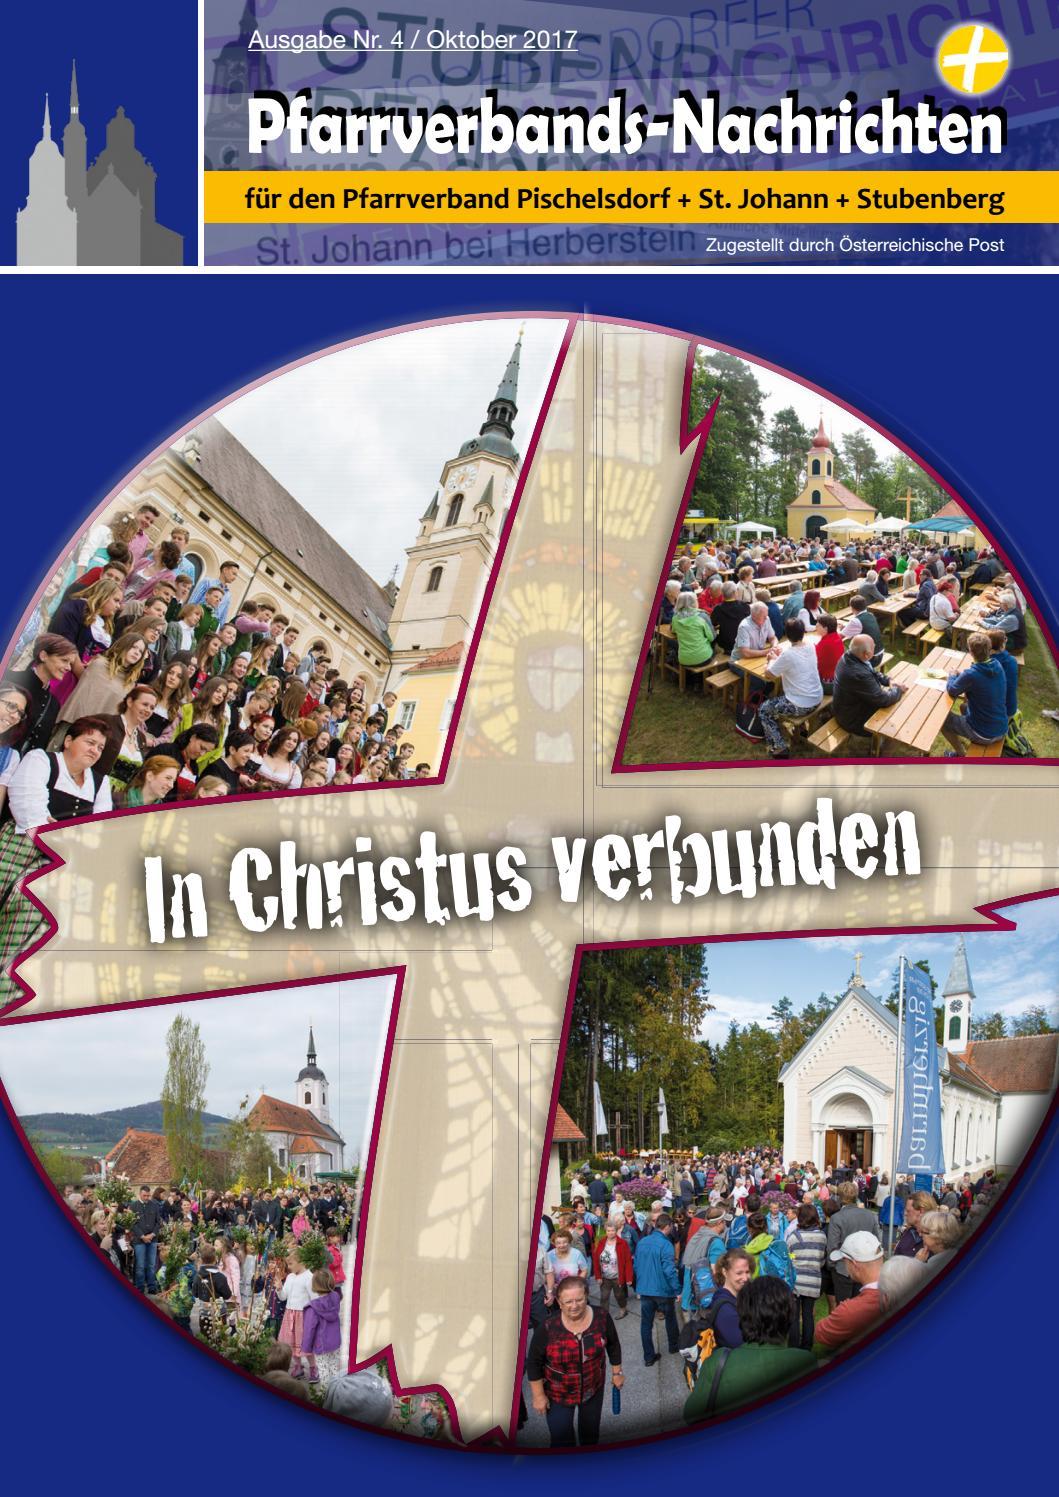 Pischelsdorf in der steiermark mann sucht frau: Nudorf-debant